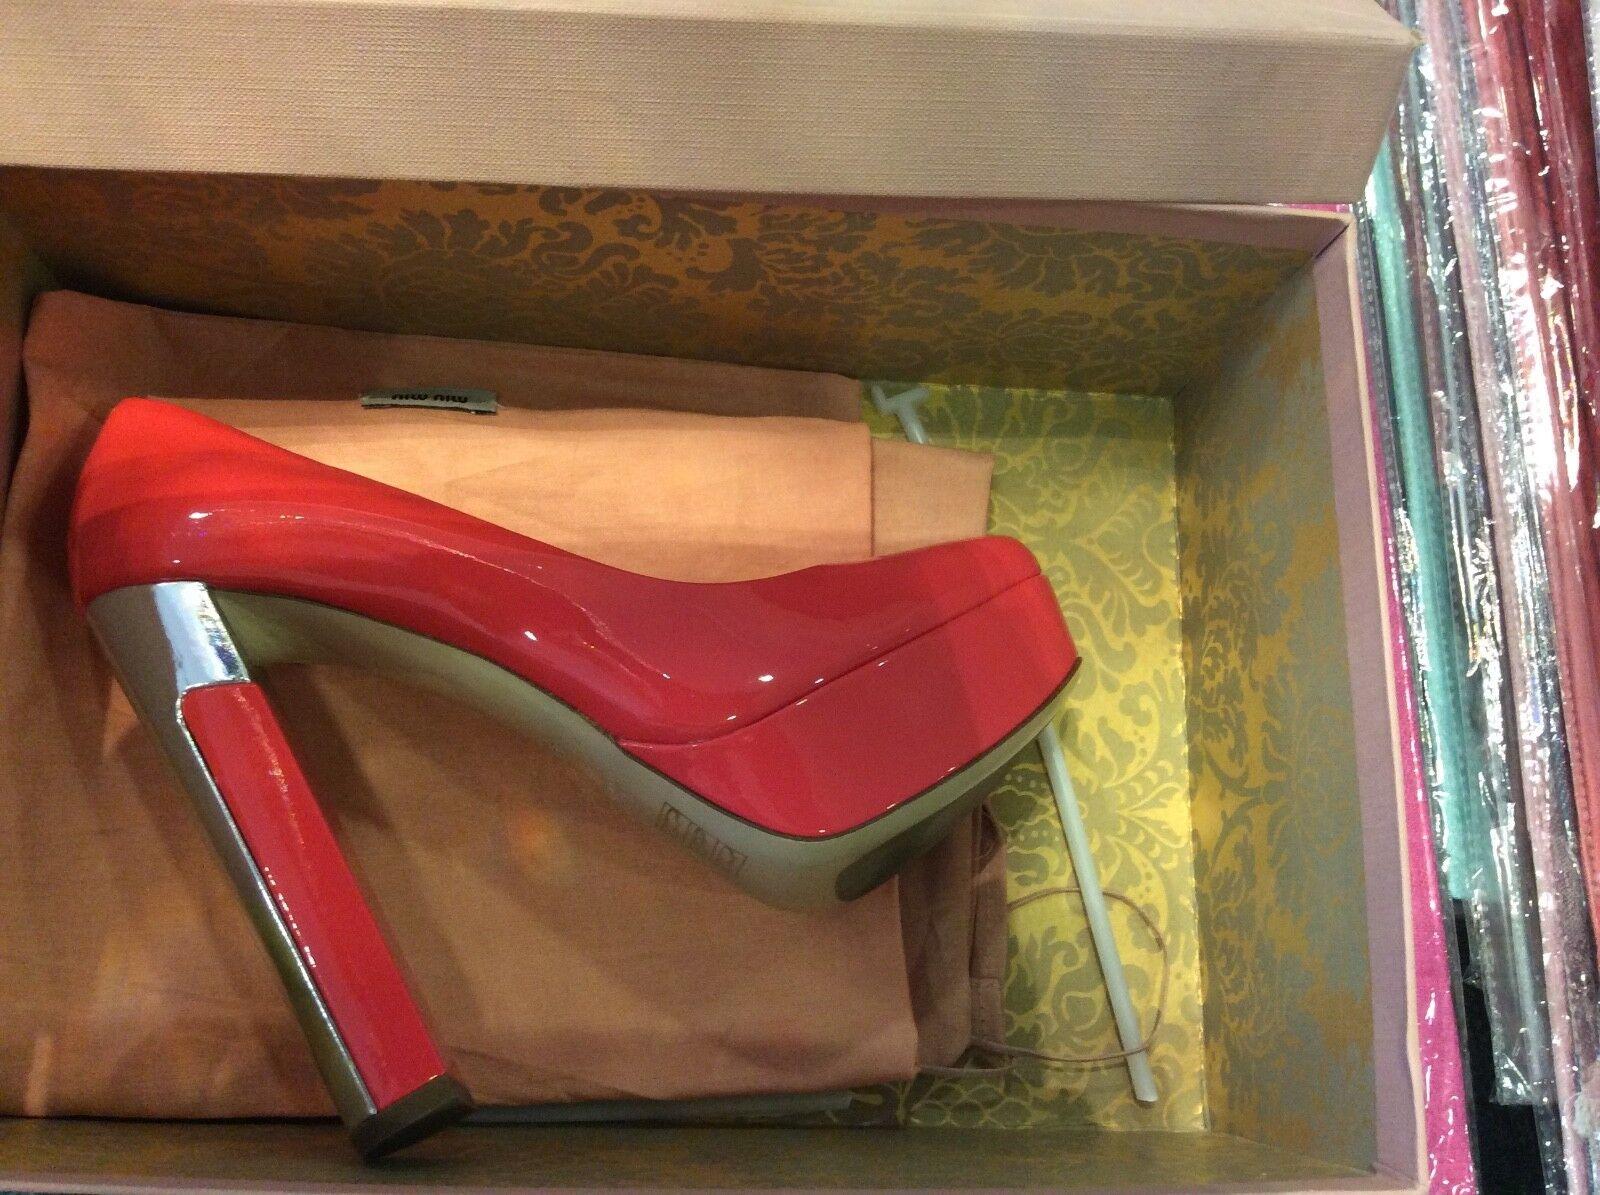 Zapatos señora Platón Miu Miu By Prada pumps pumps pumps 38  80% de descuento